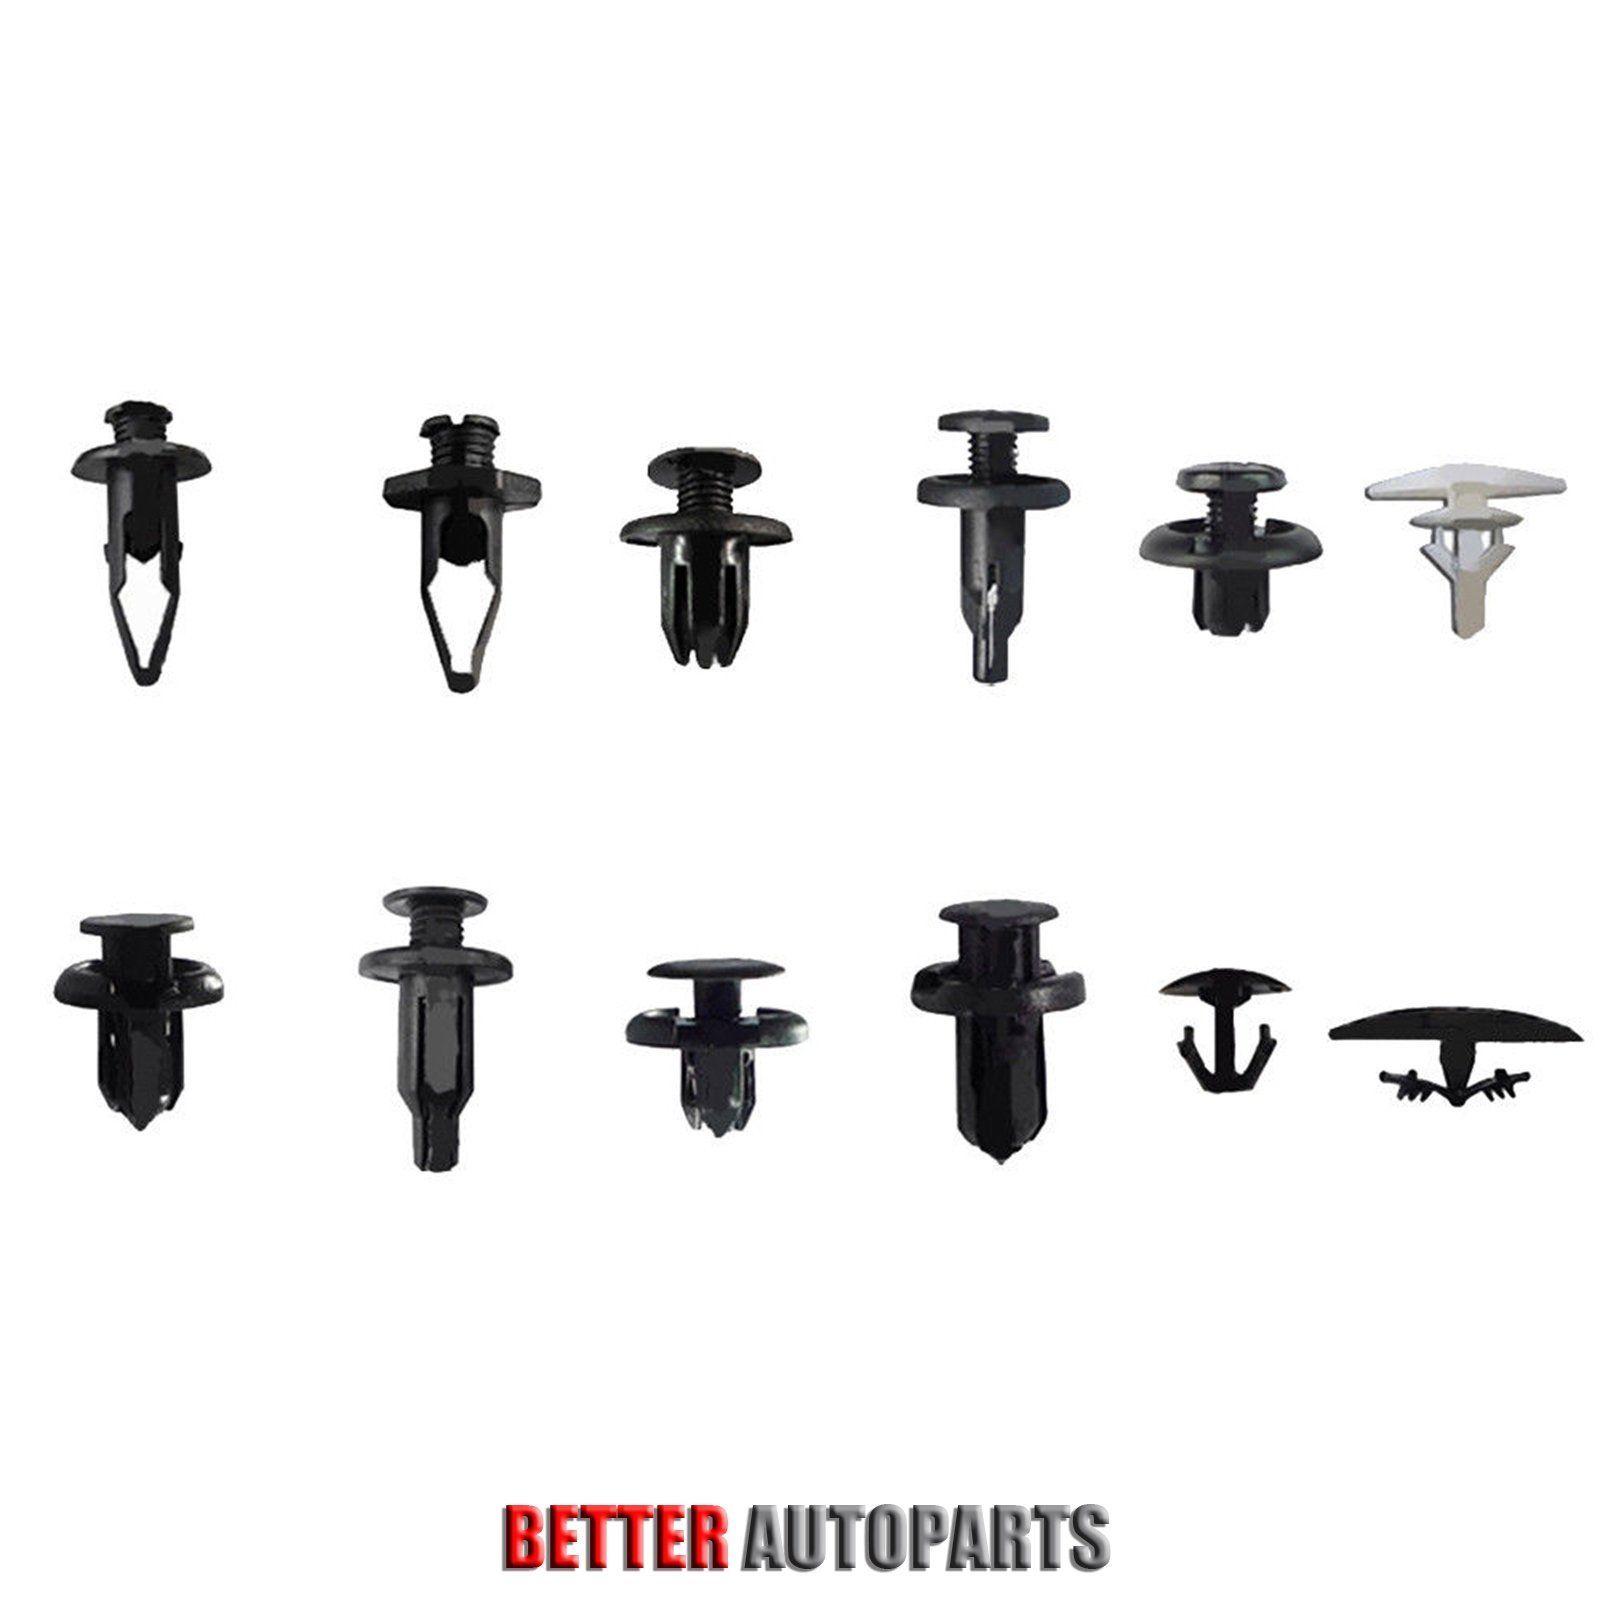 121 Pcs Clips Fender Door Hood Bumper Trim Body Retainers Assortment For Honda